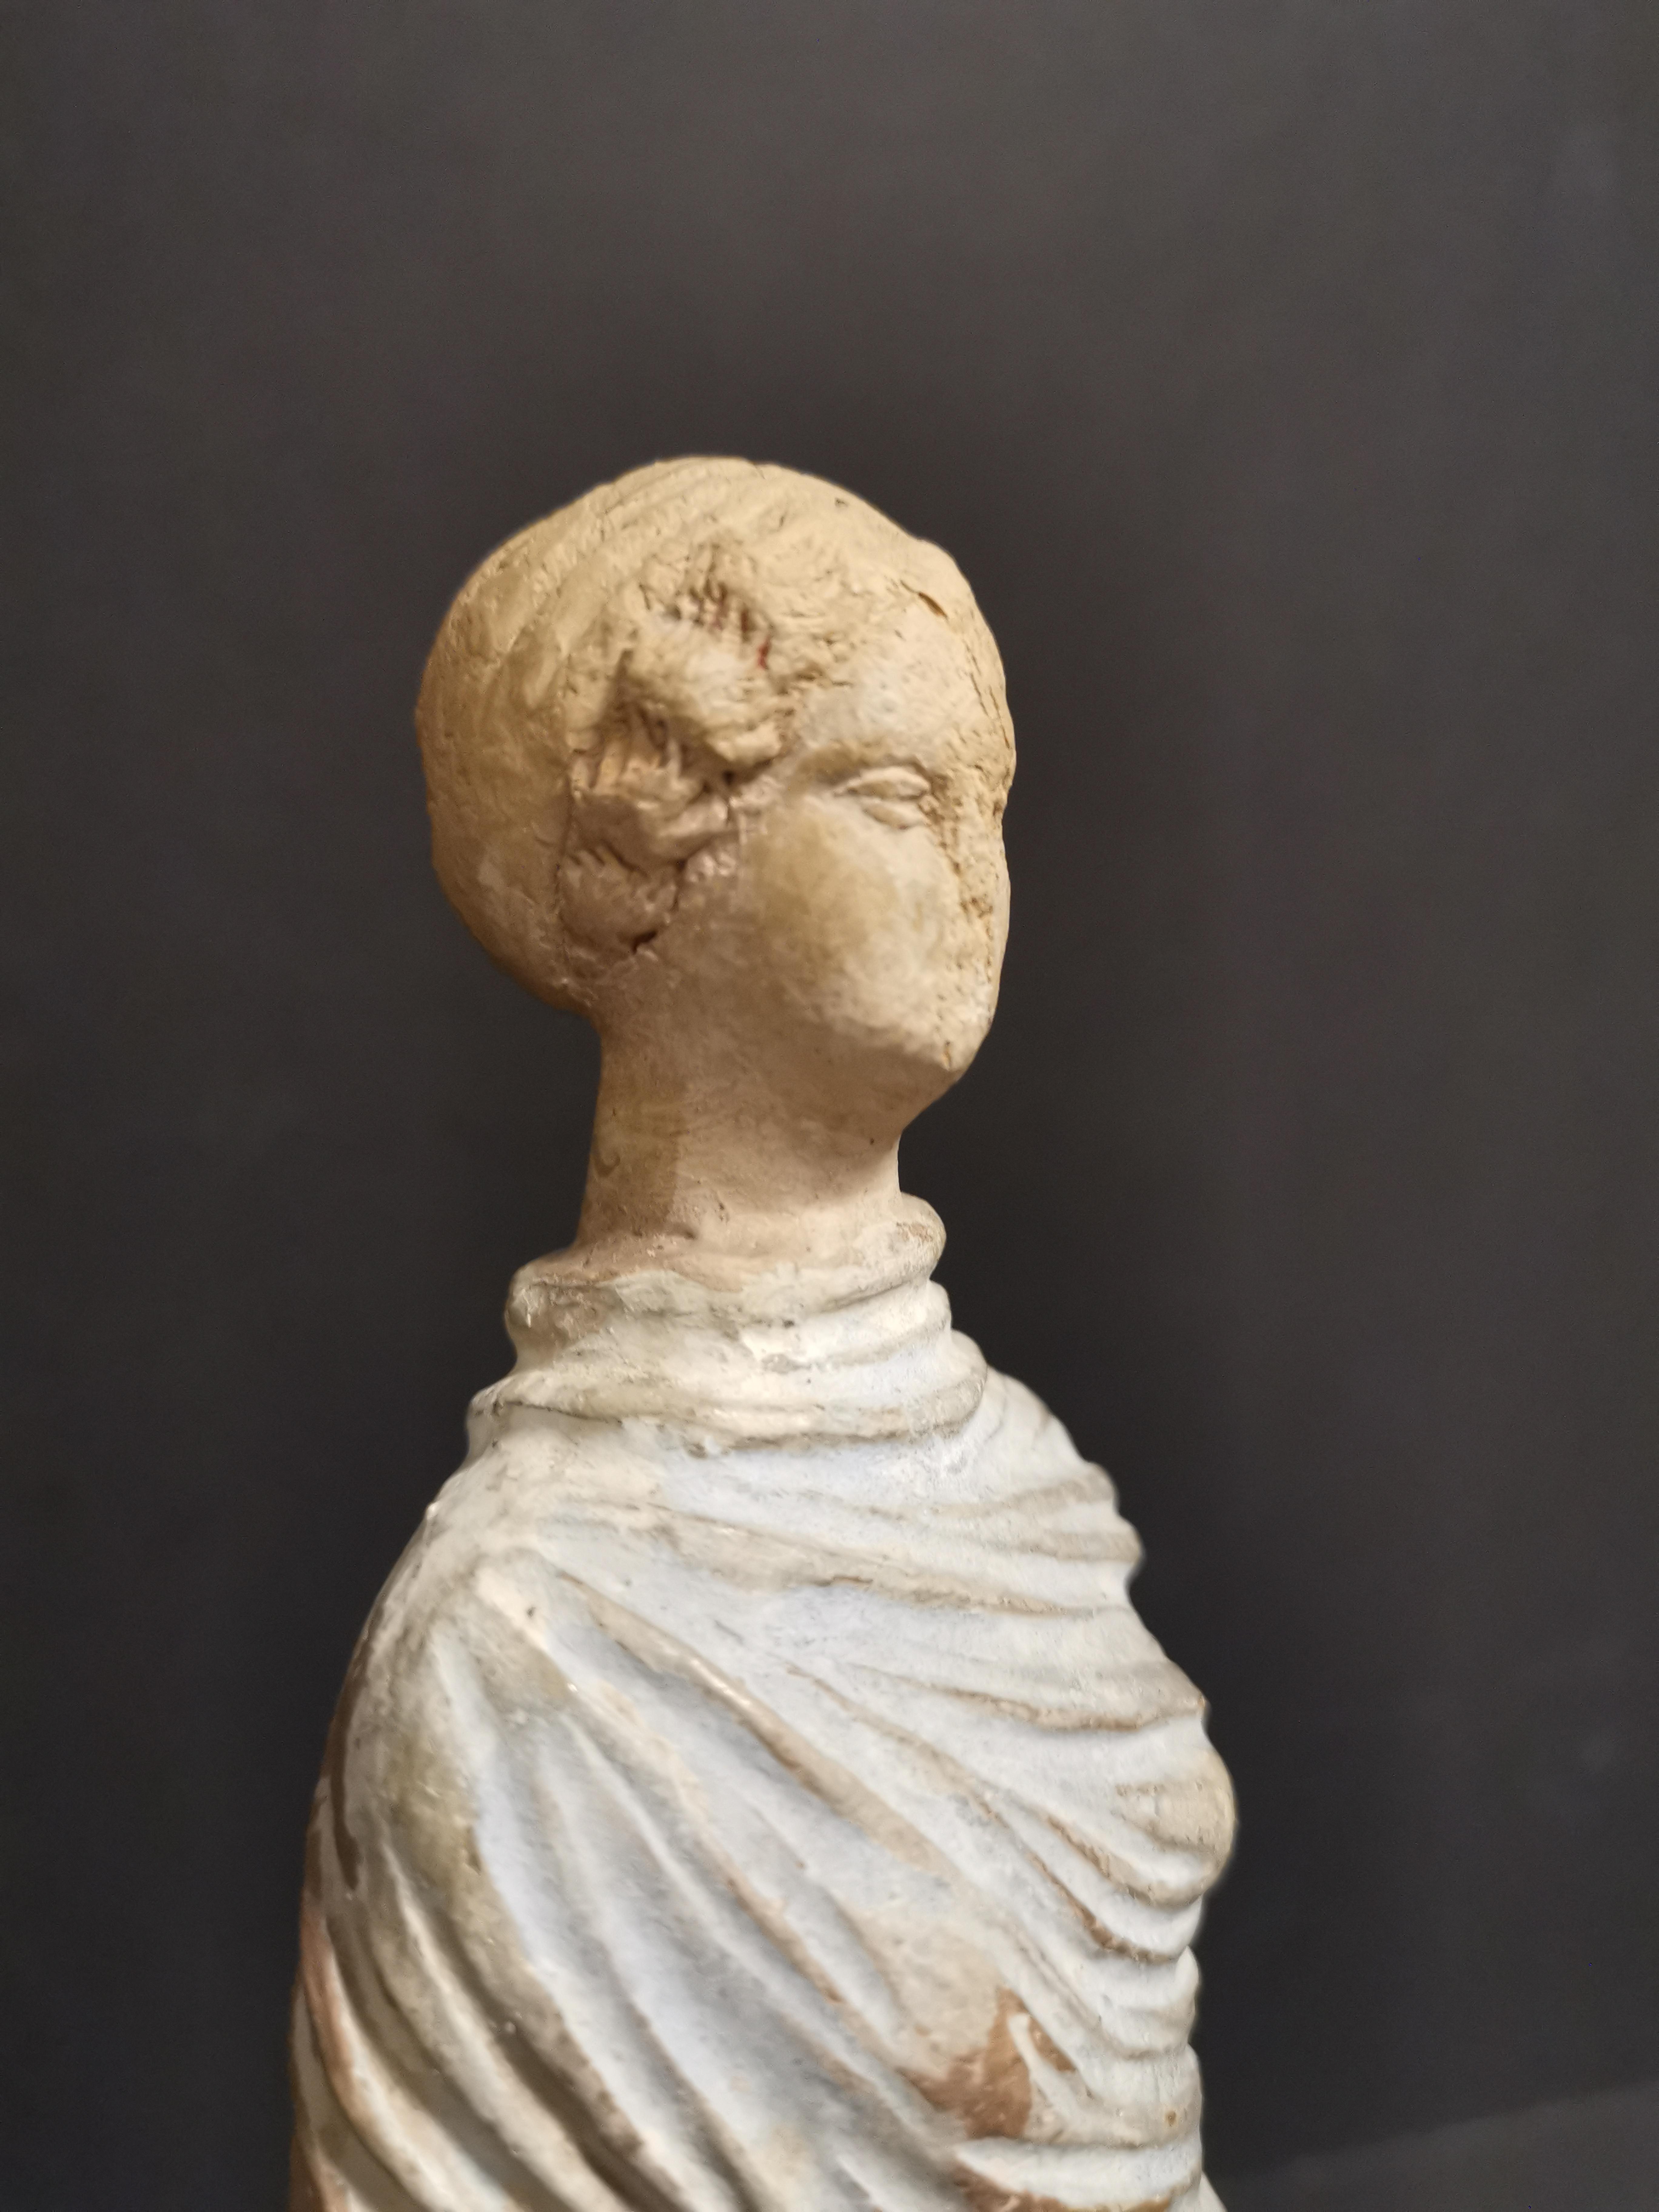 Lot 49 - GRECE, dans le goût de. Tanagra en terre cuite représentant un personnage féminin [...]